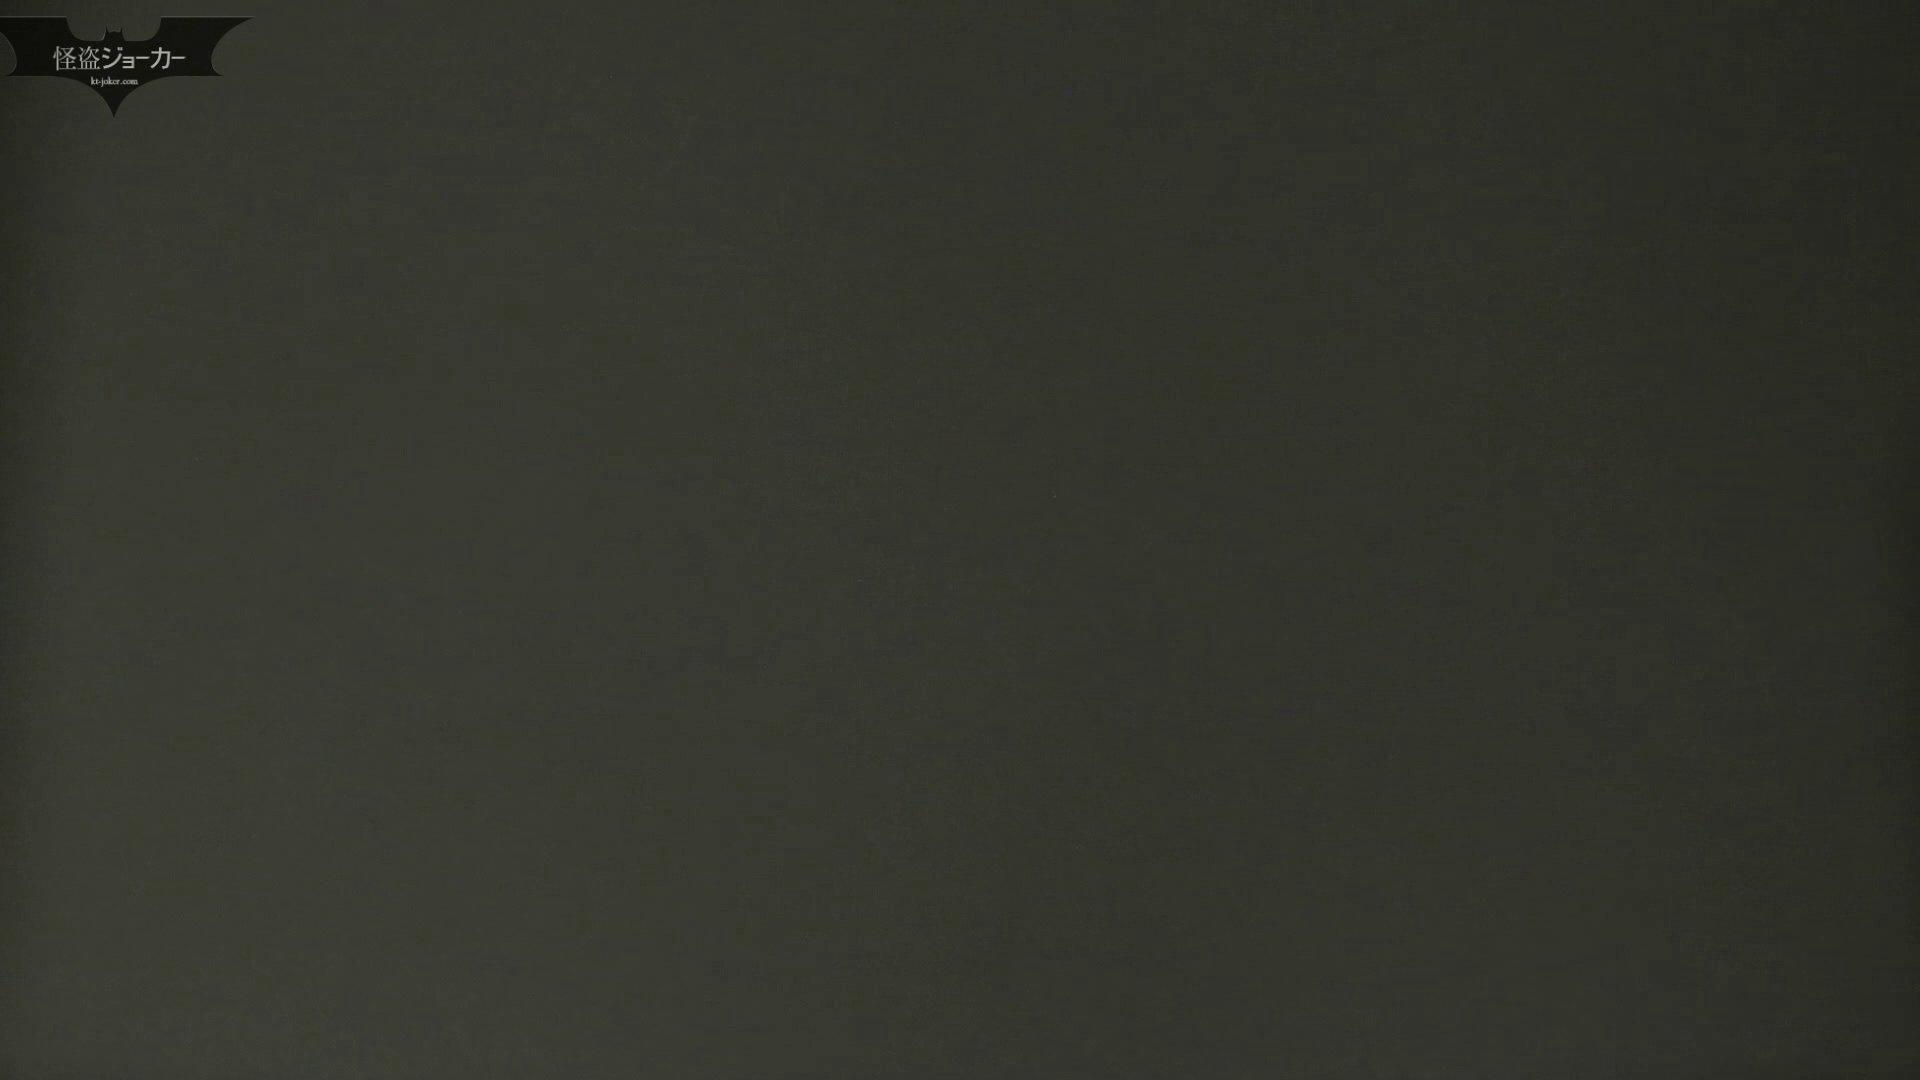 洗面所特攻隊 vol.049 飲みすぎちゃってリバース! 高画質 セックス無修正動画無料 108枚 74